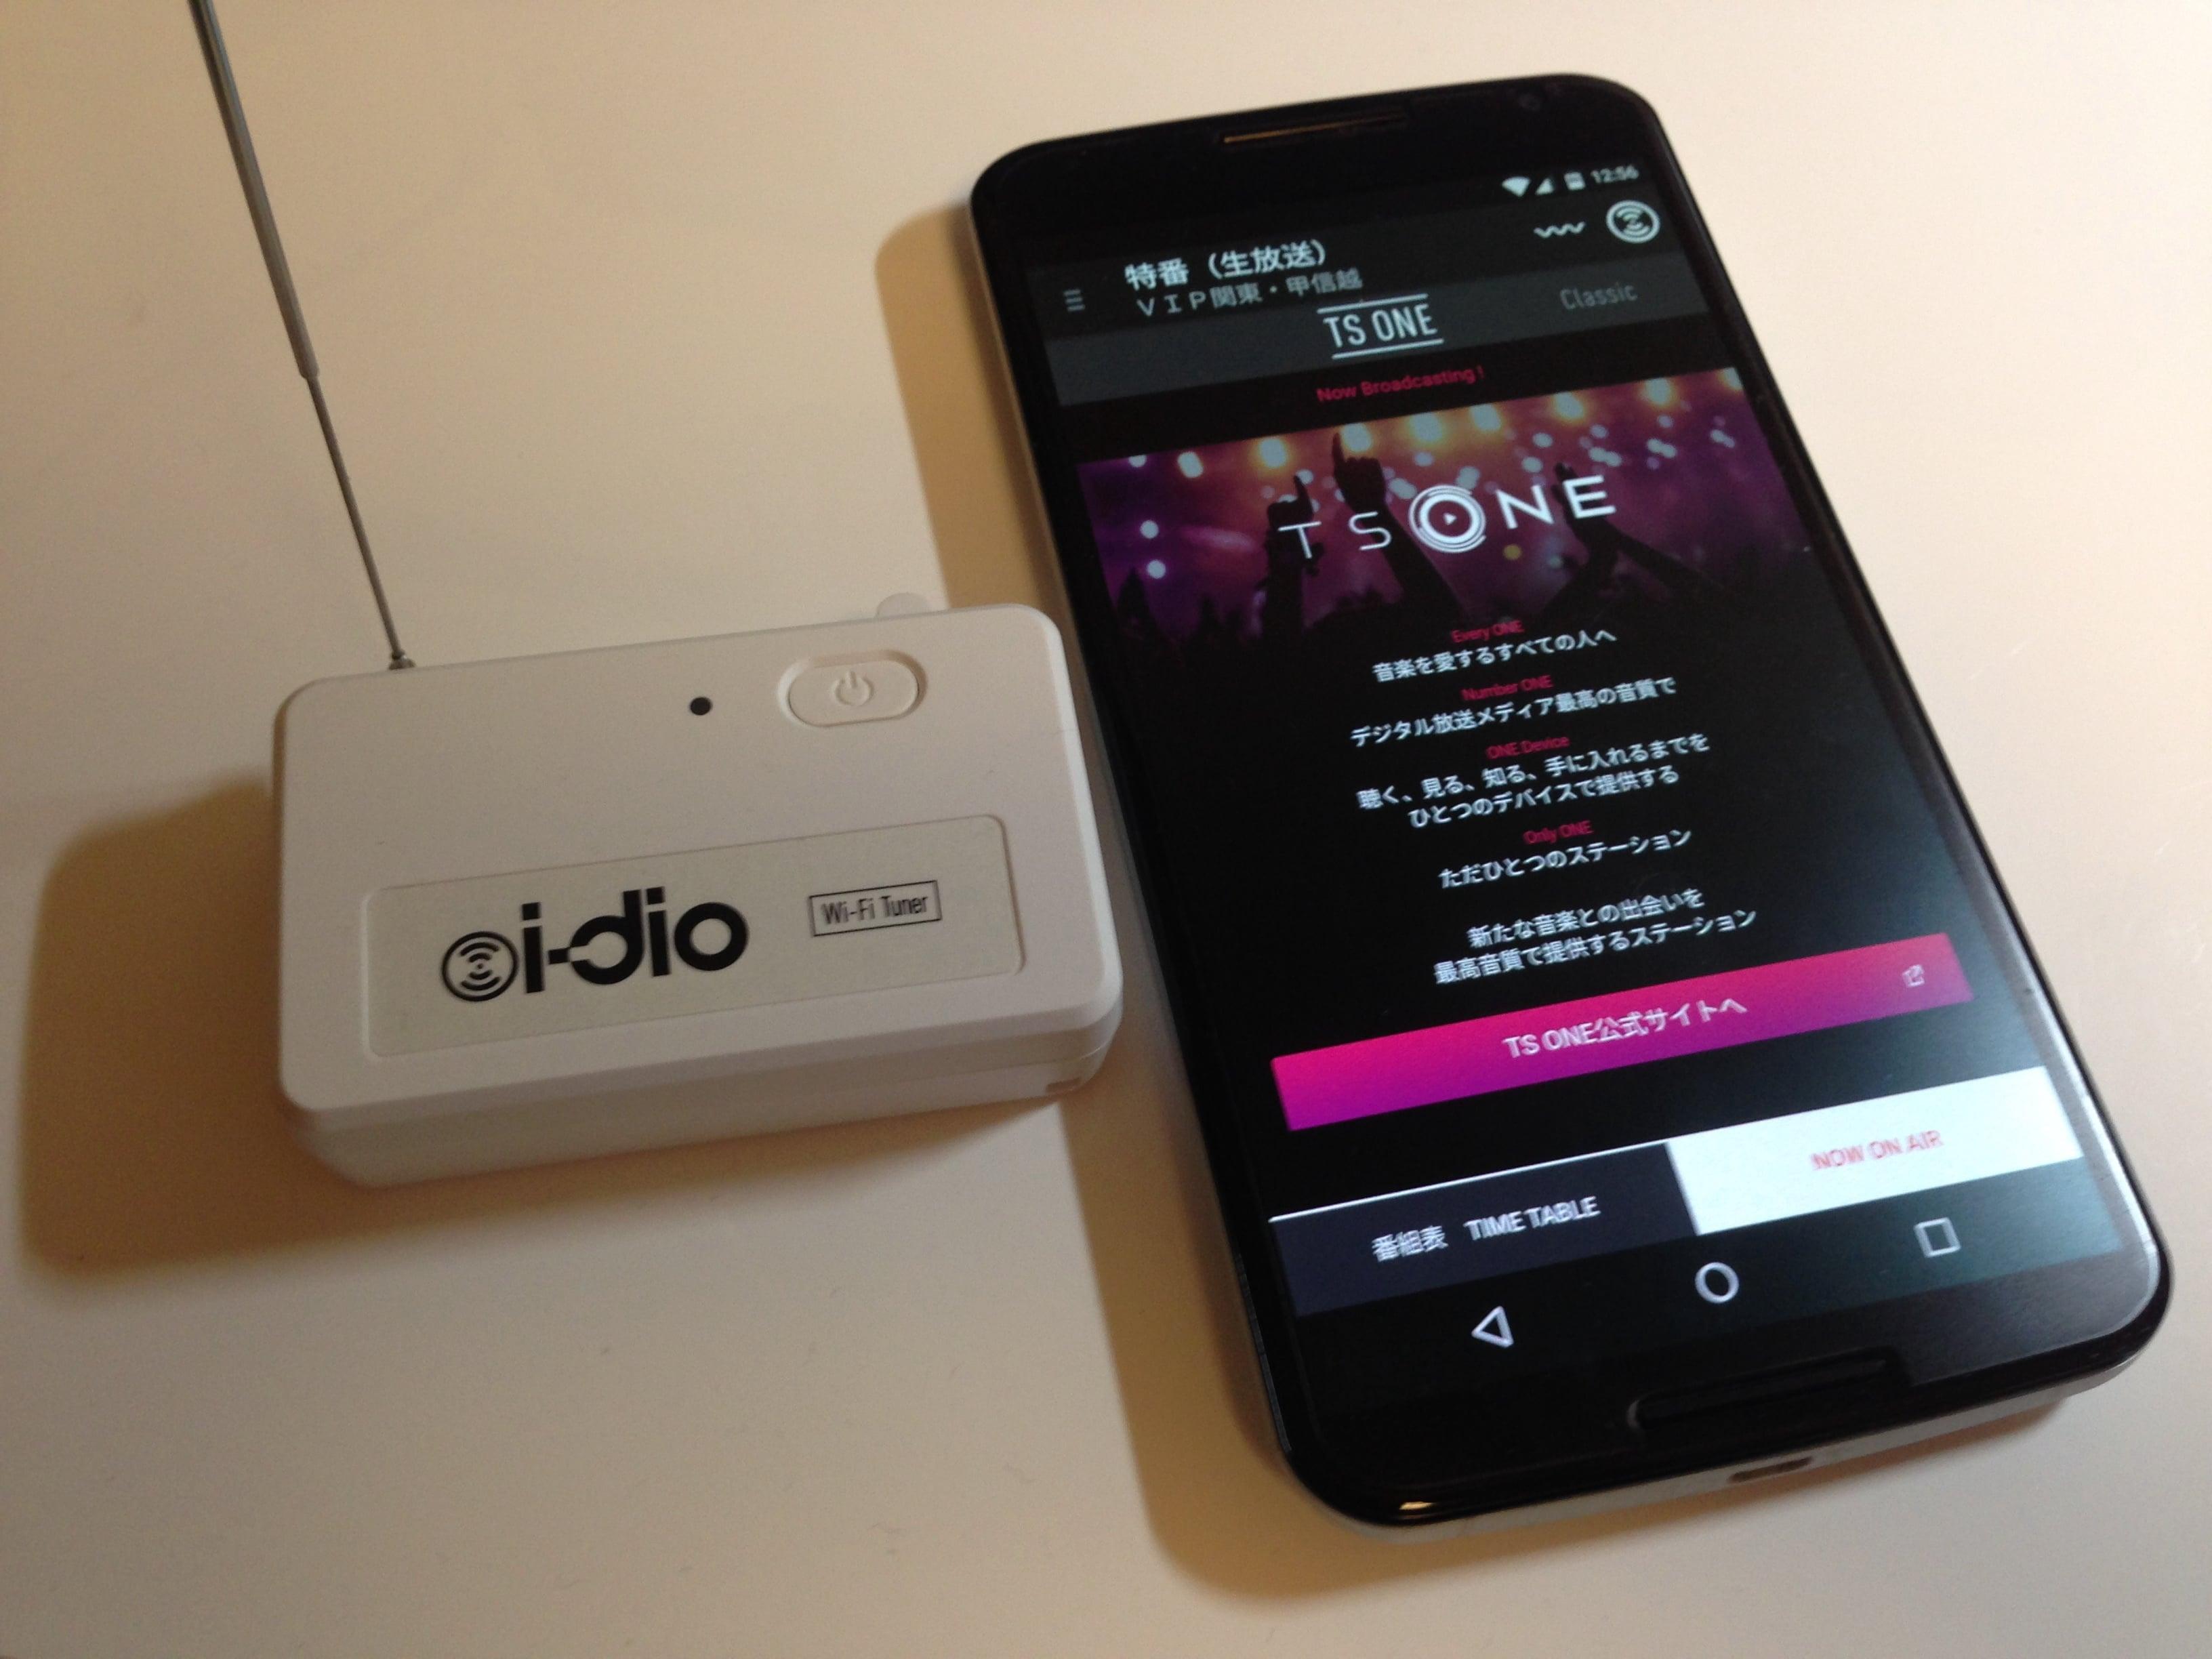 i-dioの放送が開始されて1ヶ月経ちましたが…